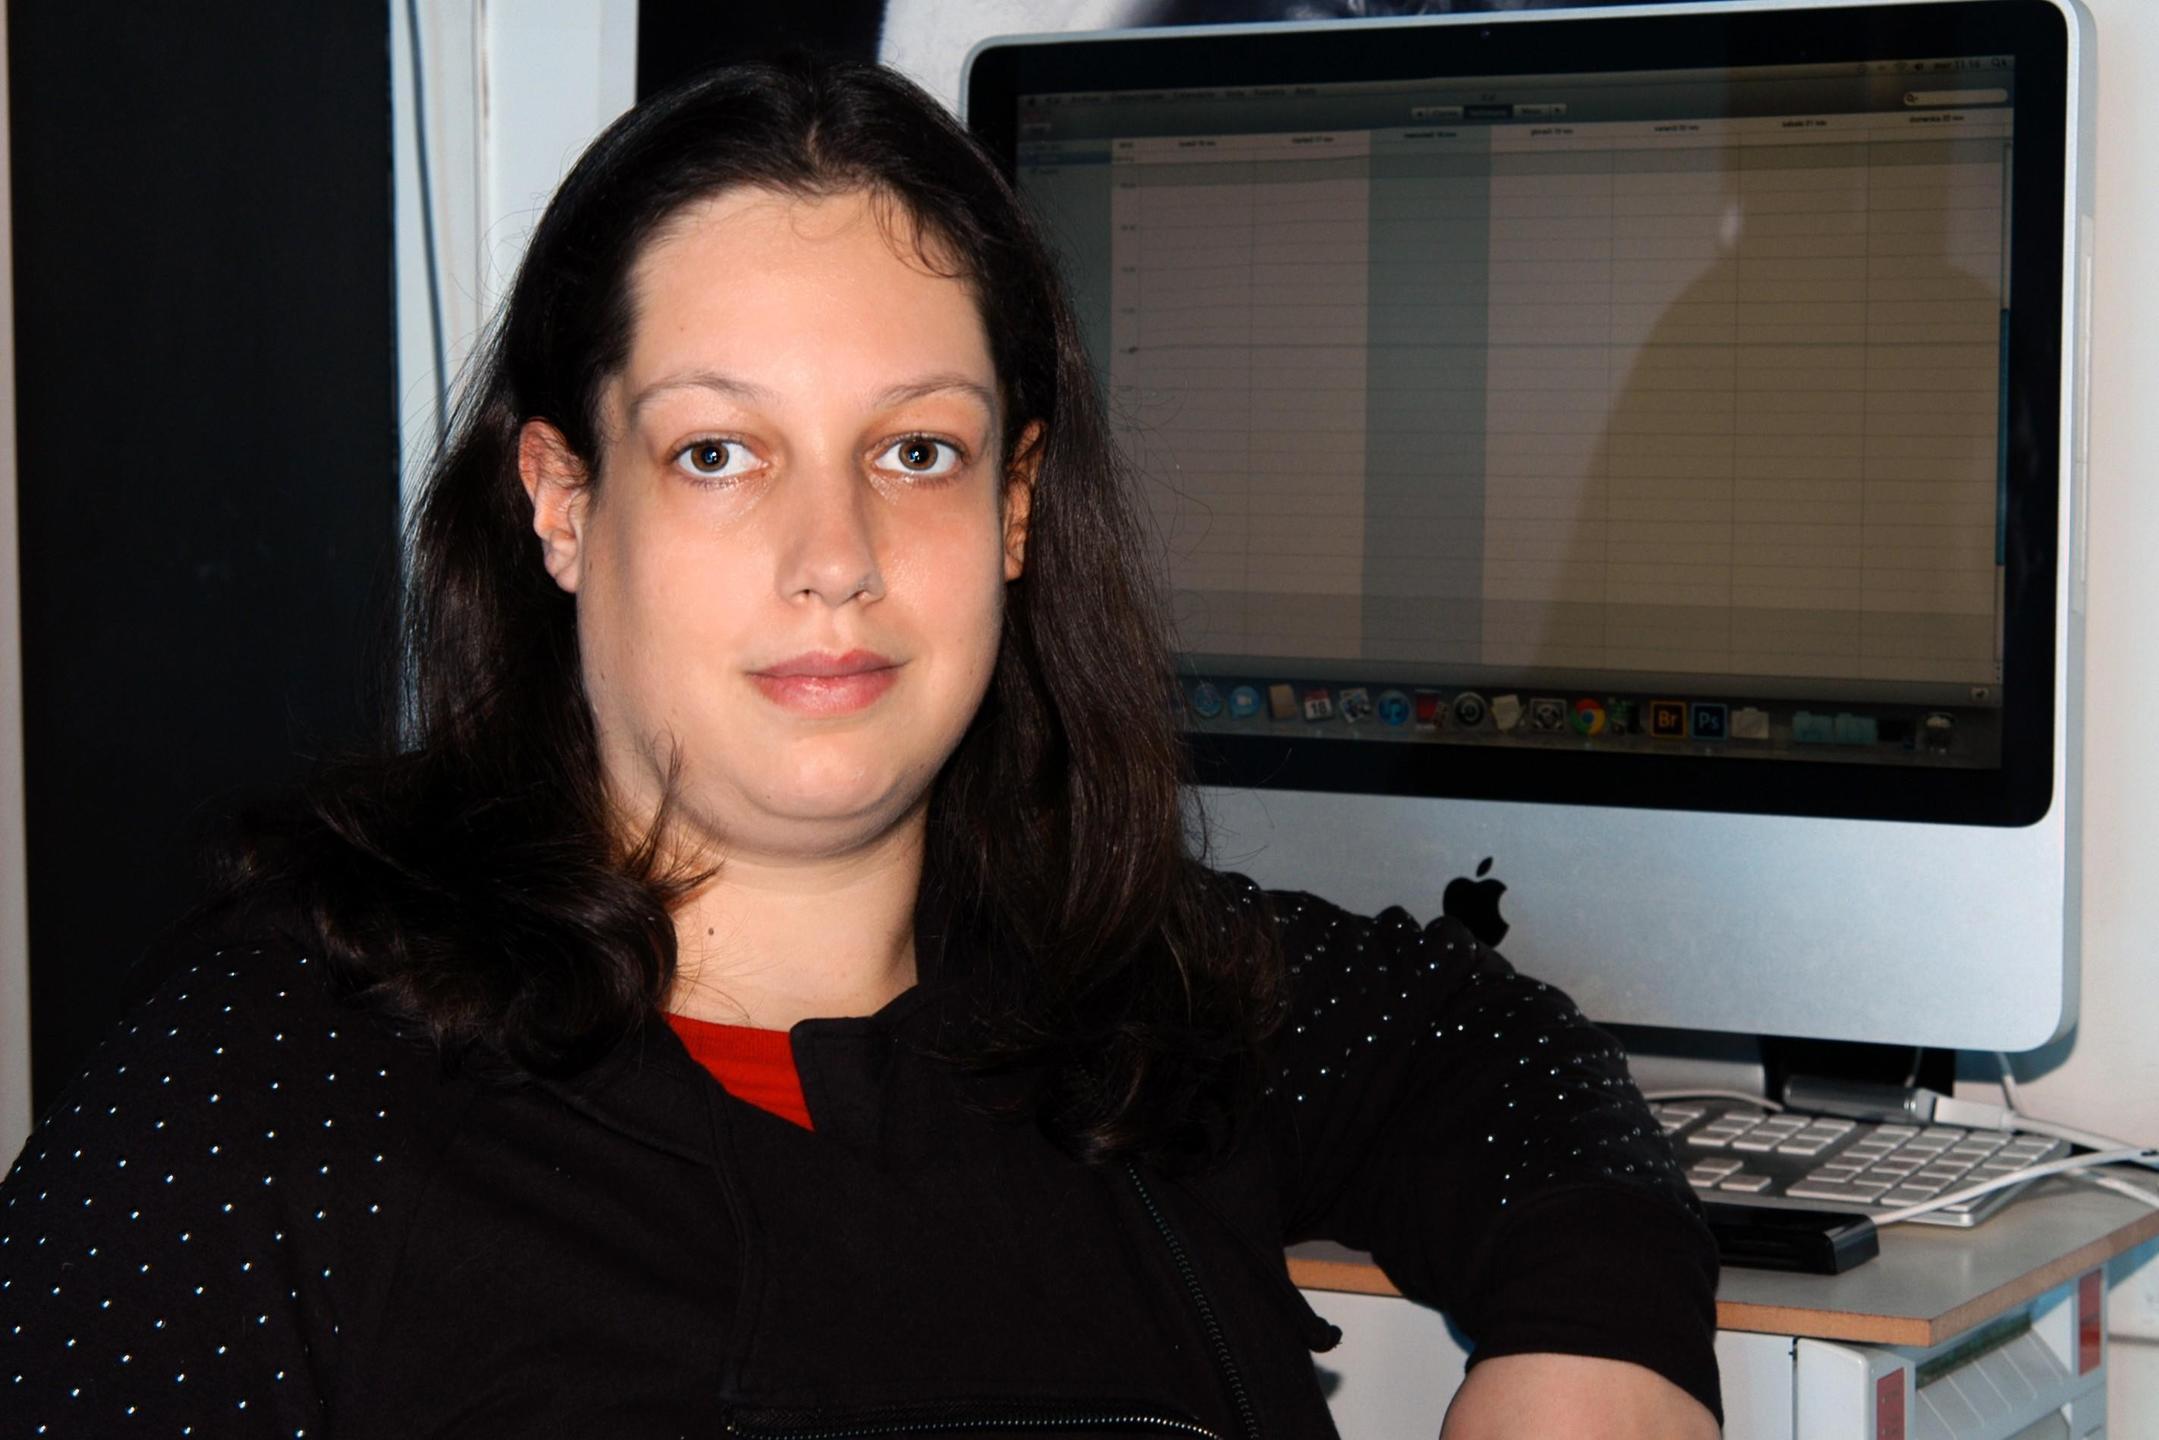 Immagine che rappresenta Beatrice Biasuzzi mentre è al lavoro al computer